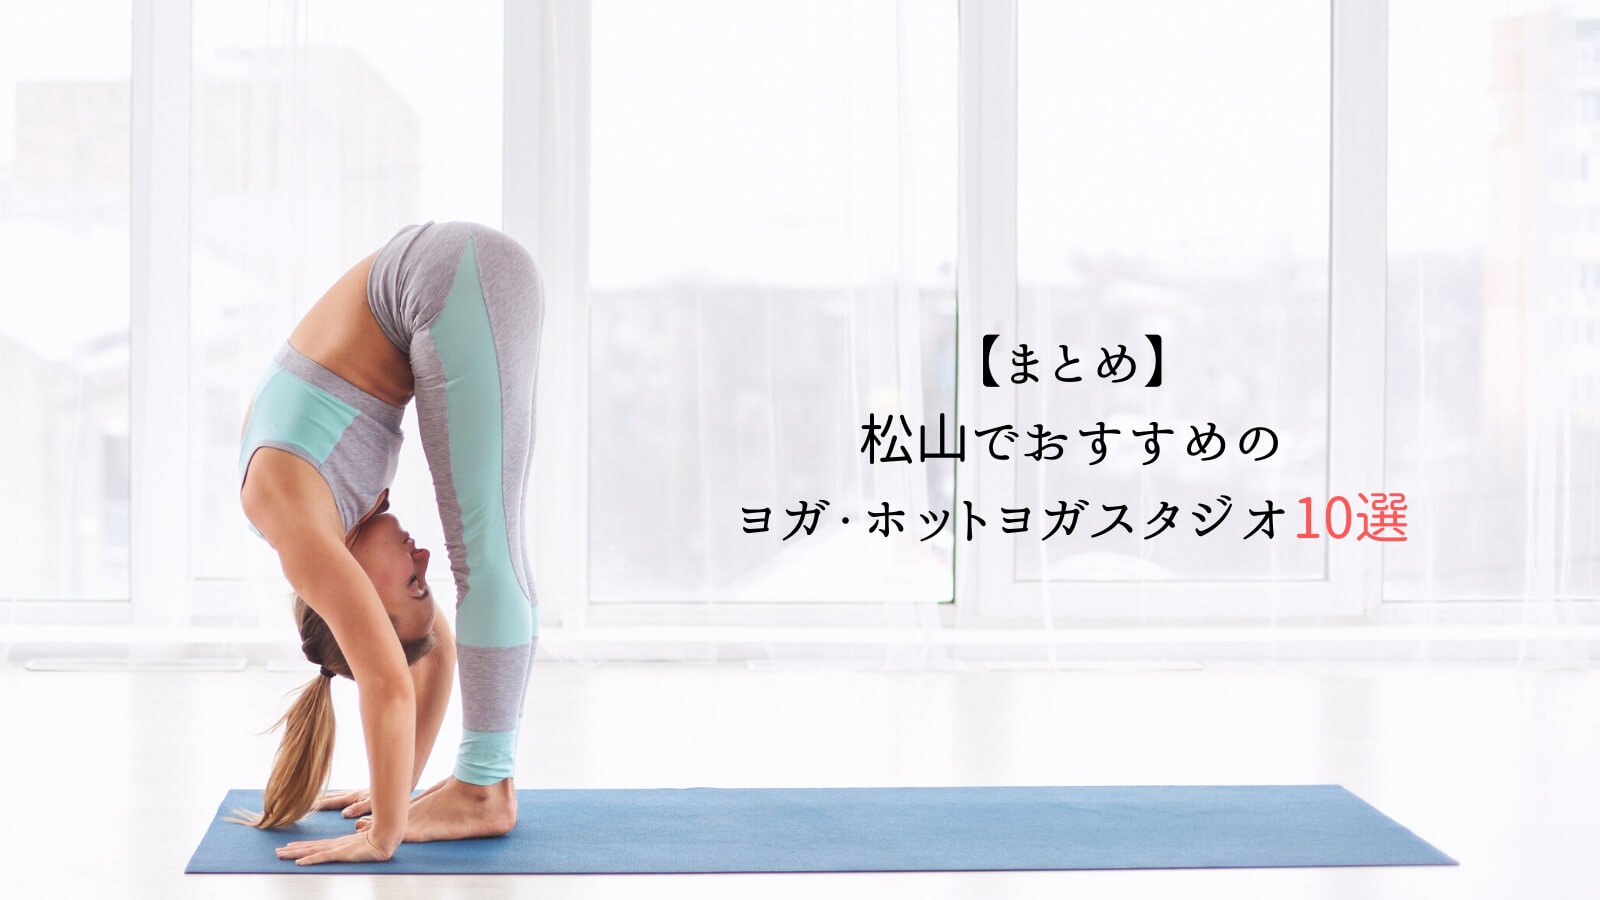 【まとめ】松山でおすすめのヨガ・ホットヨガスタジオ10選